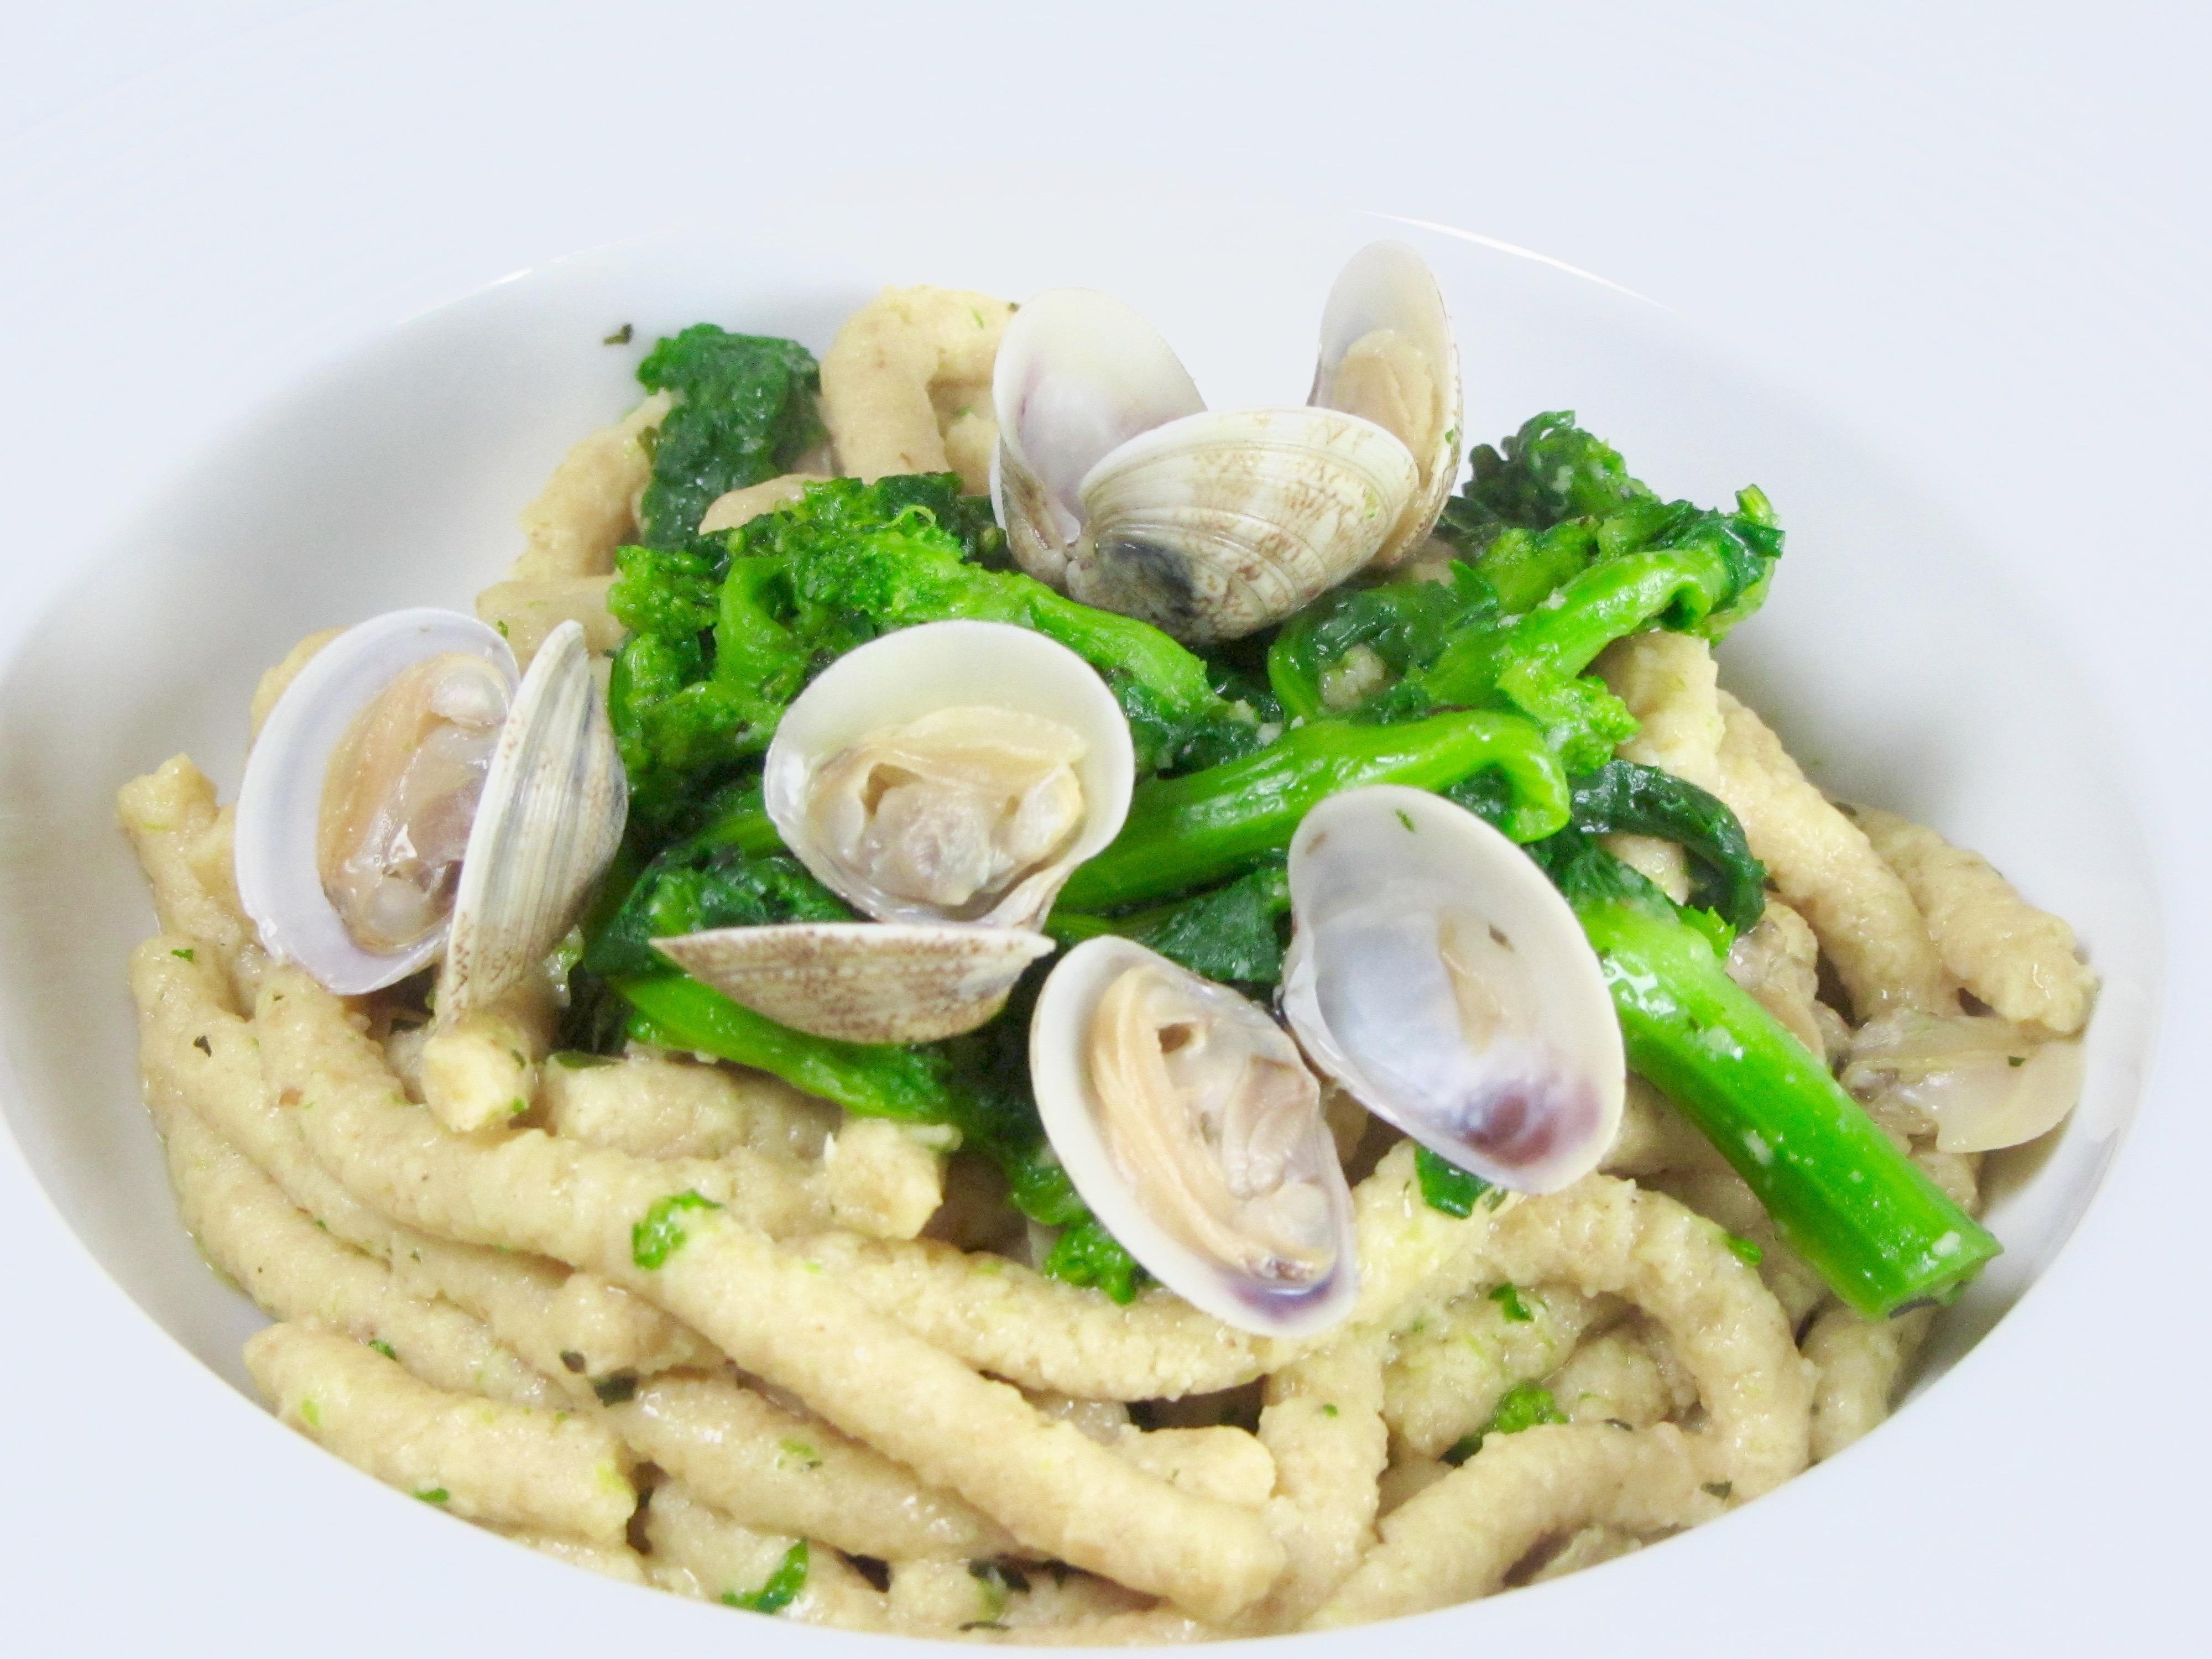 Ricette facili di primi piatti di pesce ricette popolari for Ricette di cucina italiana primi piatti